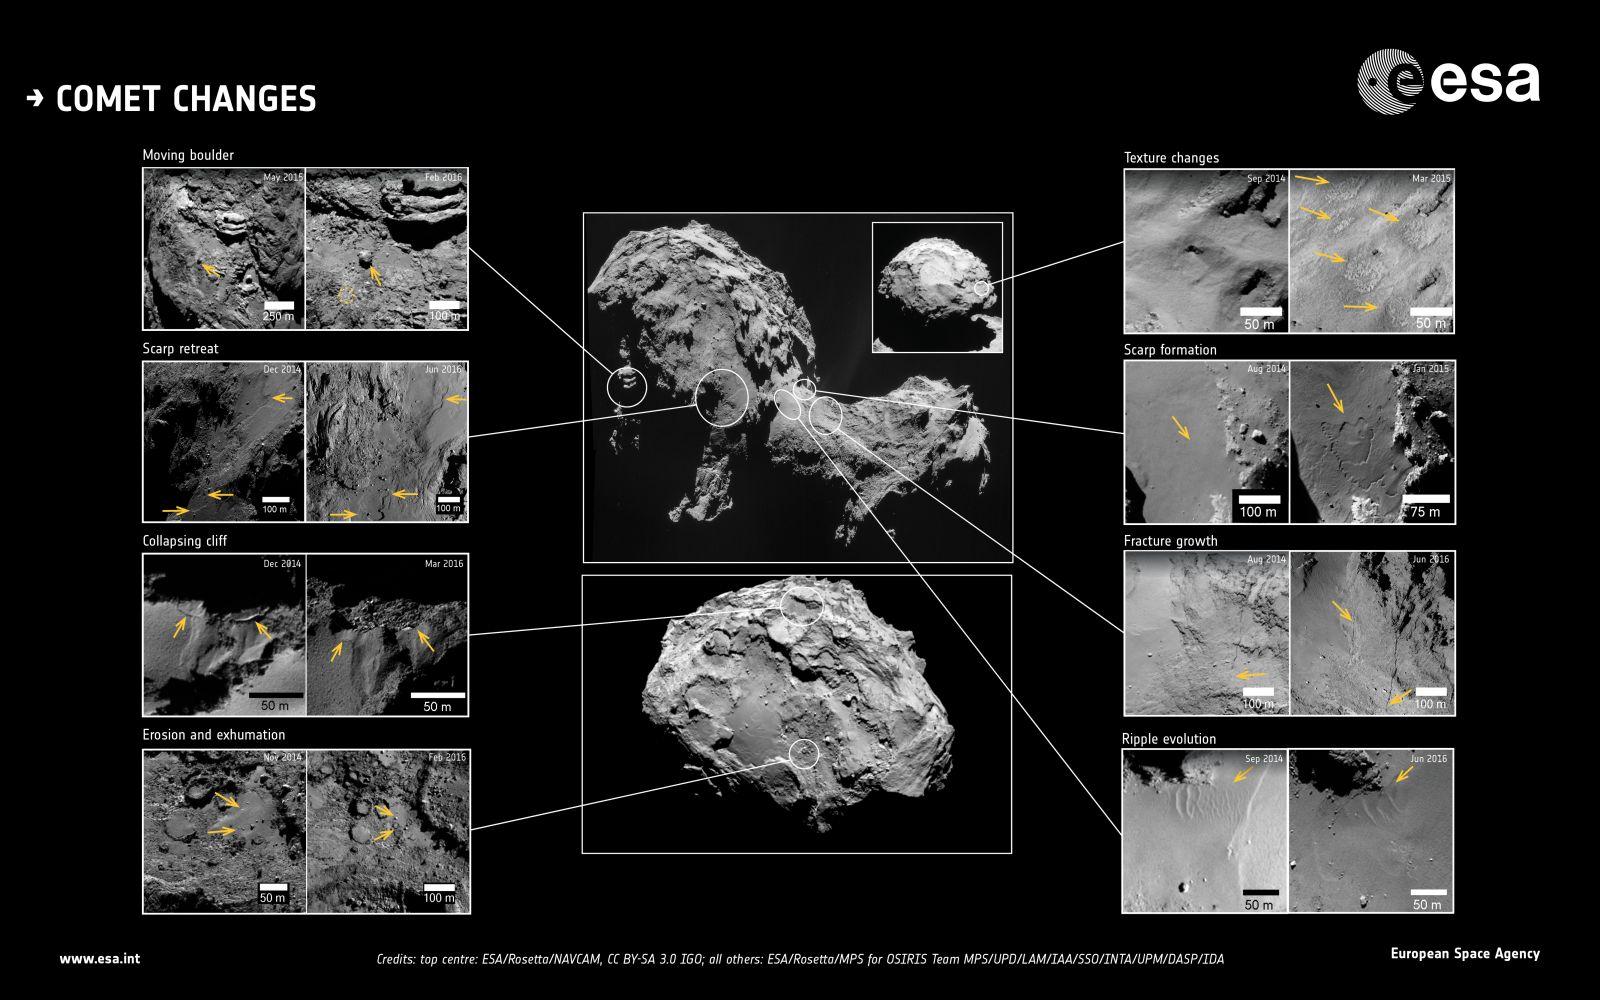 Comet 67P changes